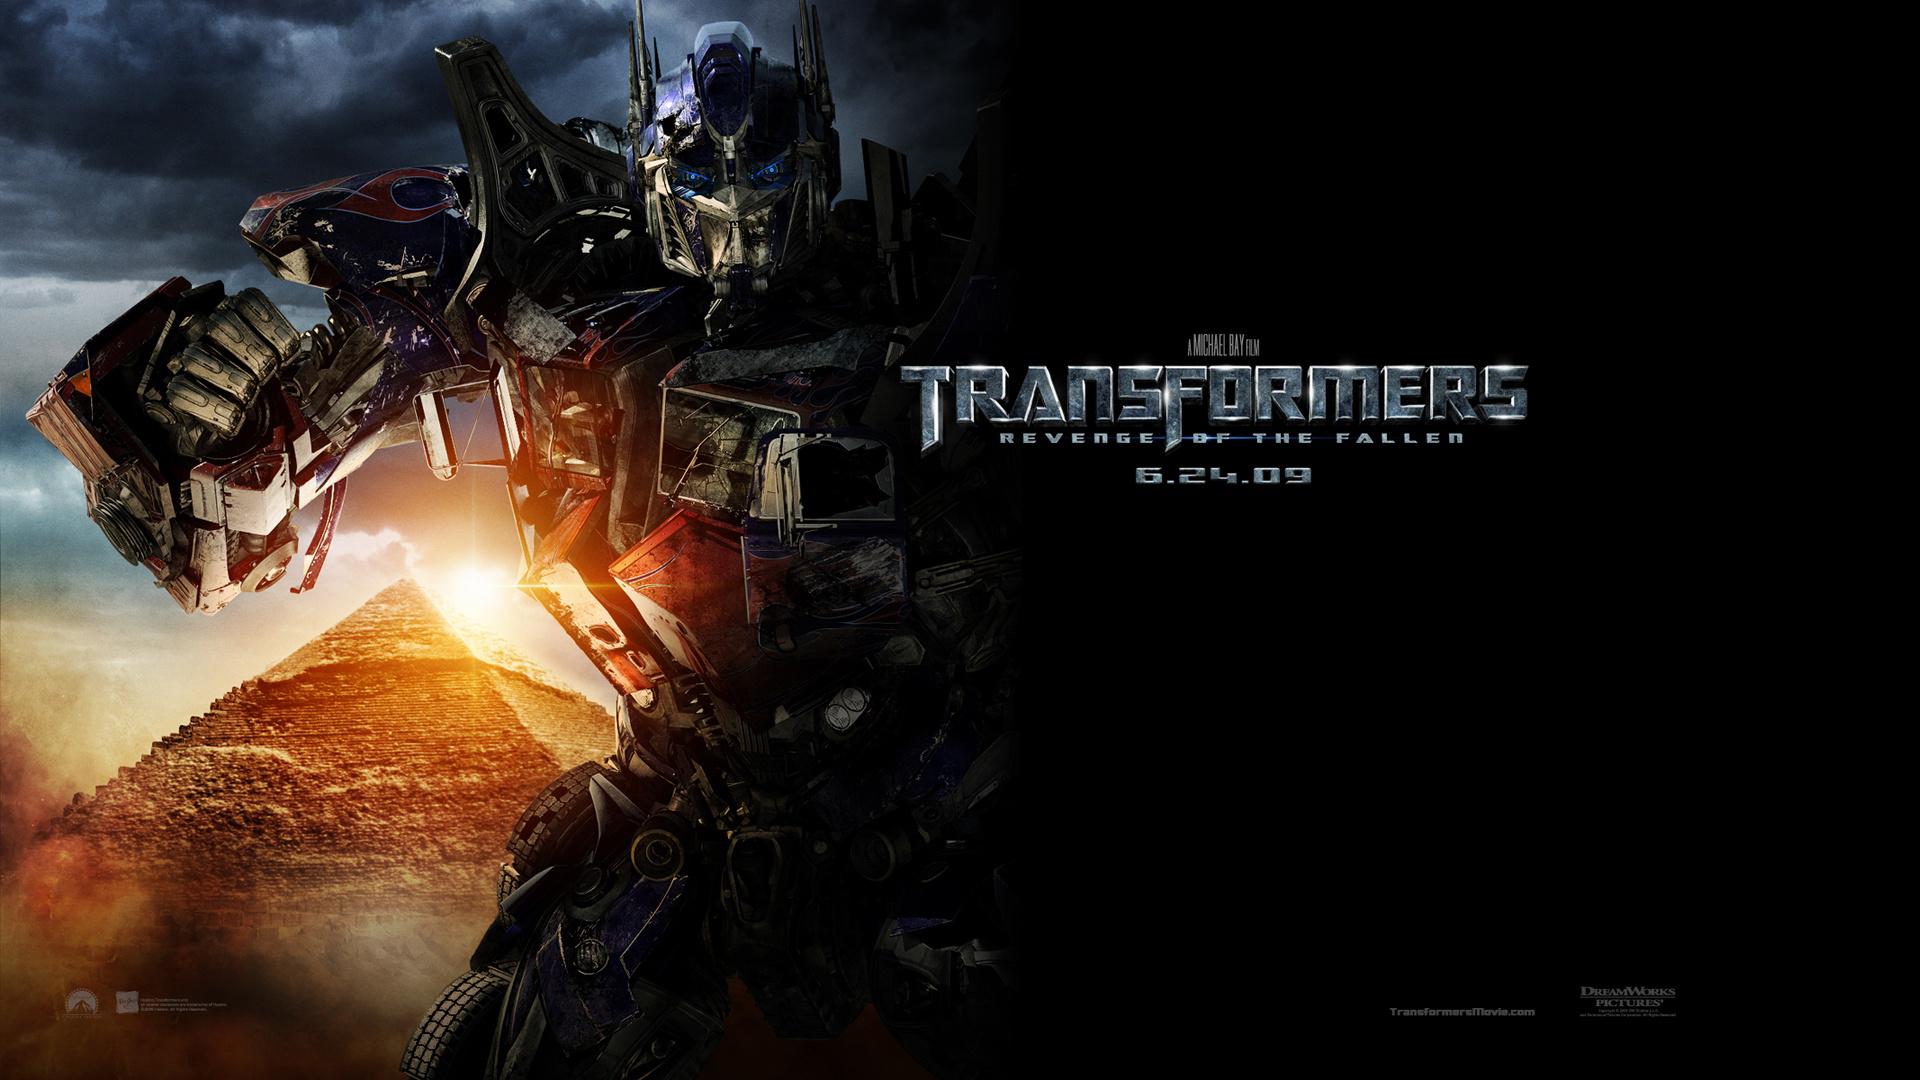 Transformers Revenge of the Fallen wallpaper 2